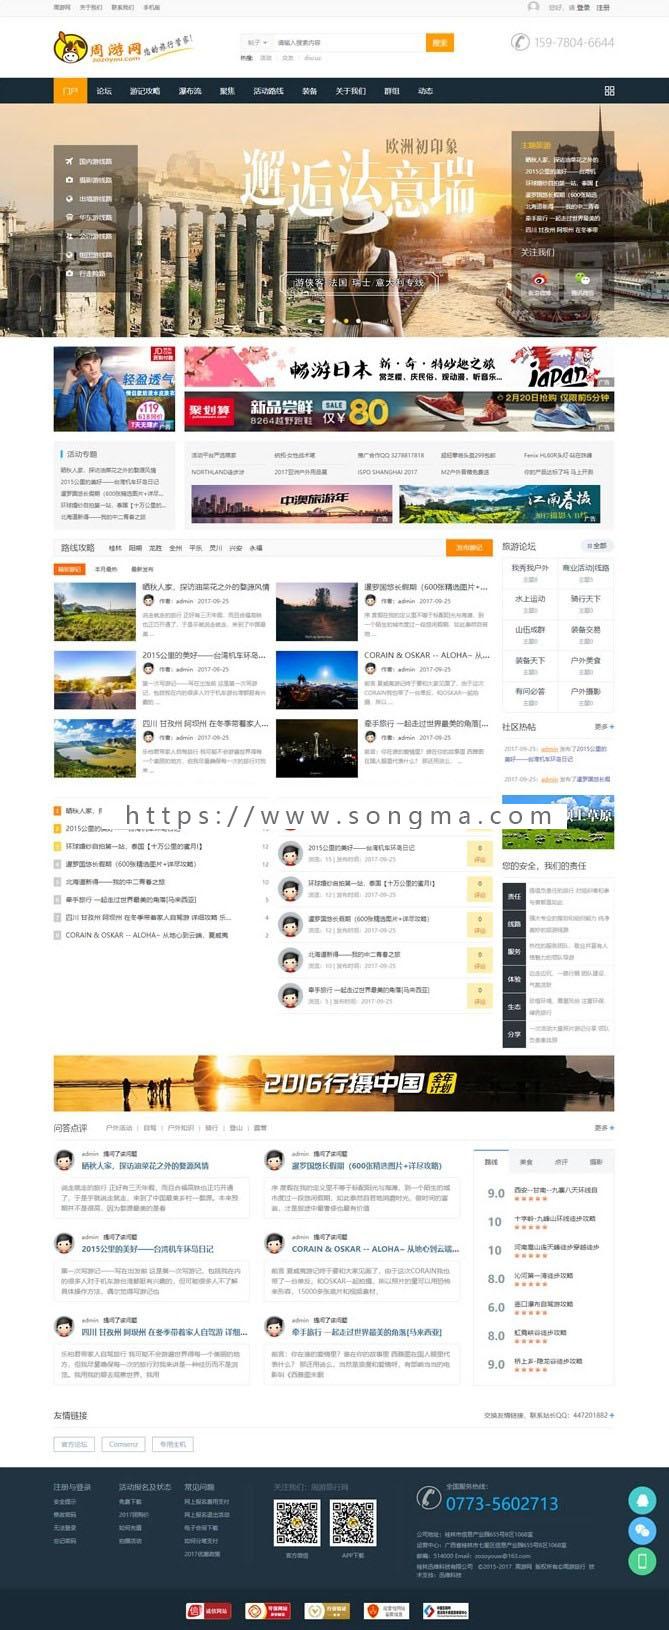 大型户外旅游门户去玩吧网站源码 Discuz内核安全可靠 比较不错的互动旅游网站源码